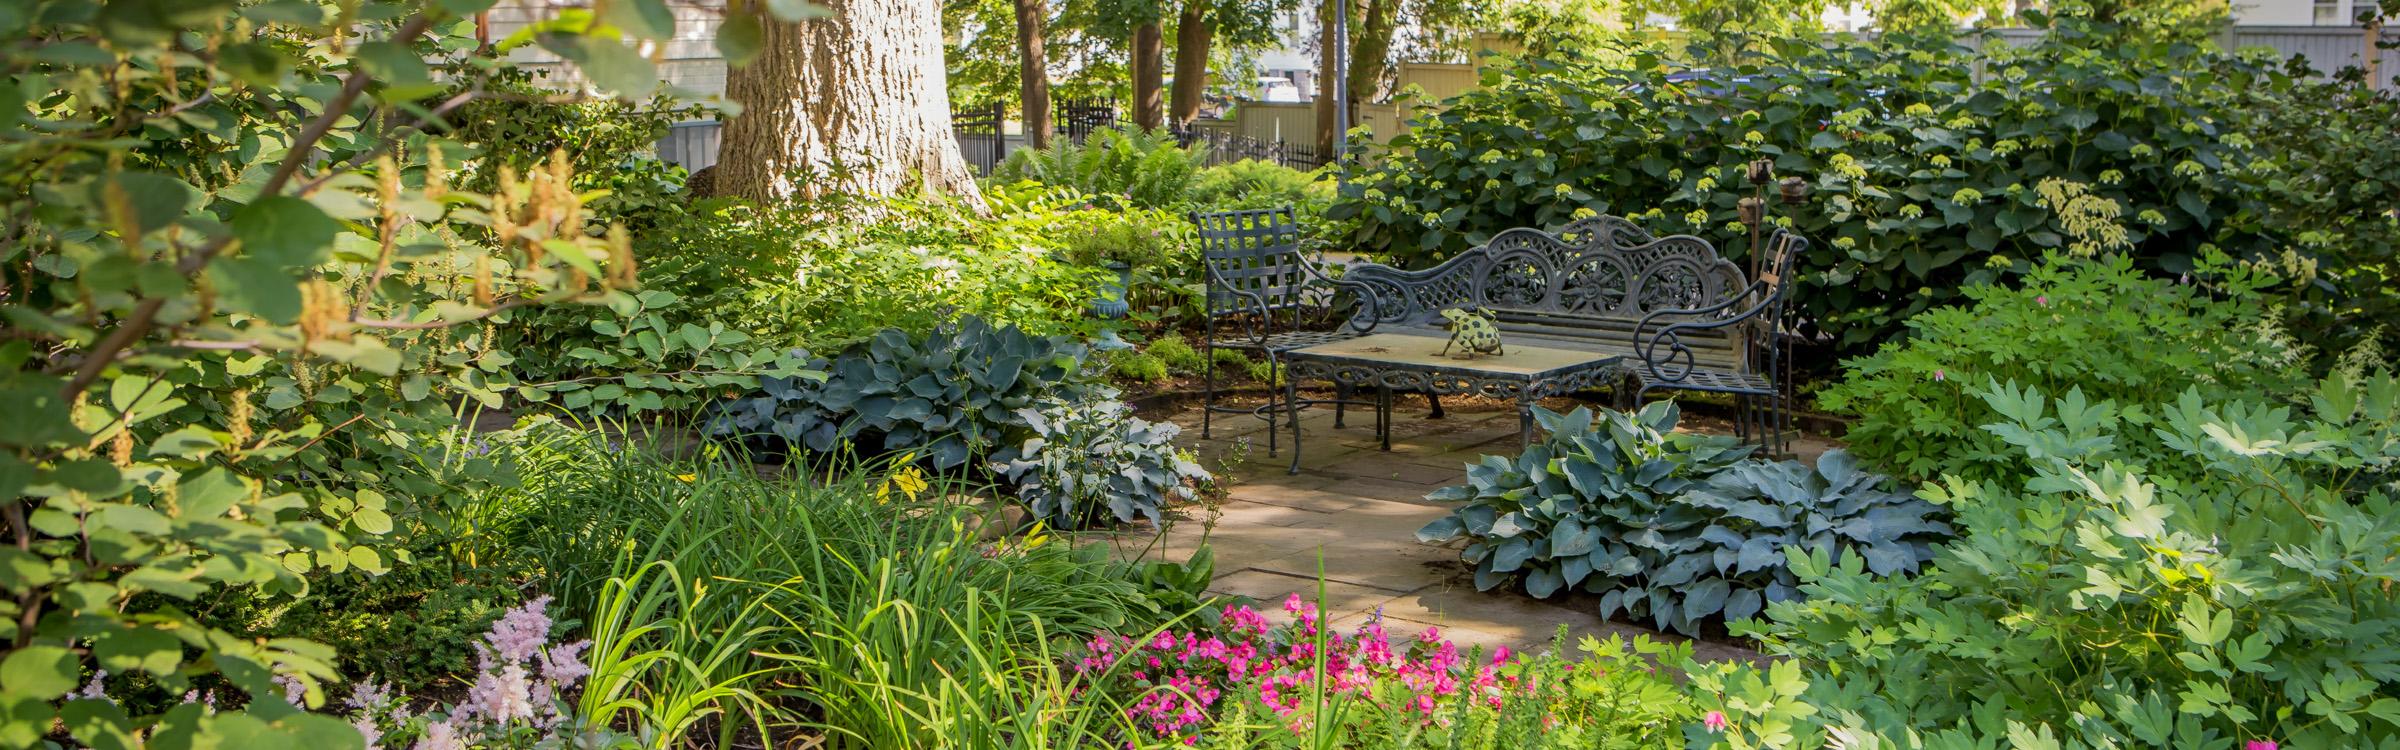 beautiful-patio-landscape